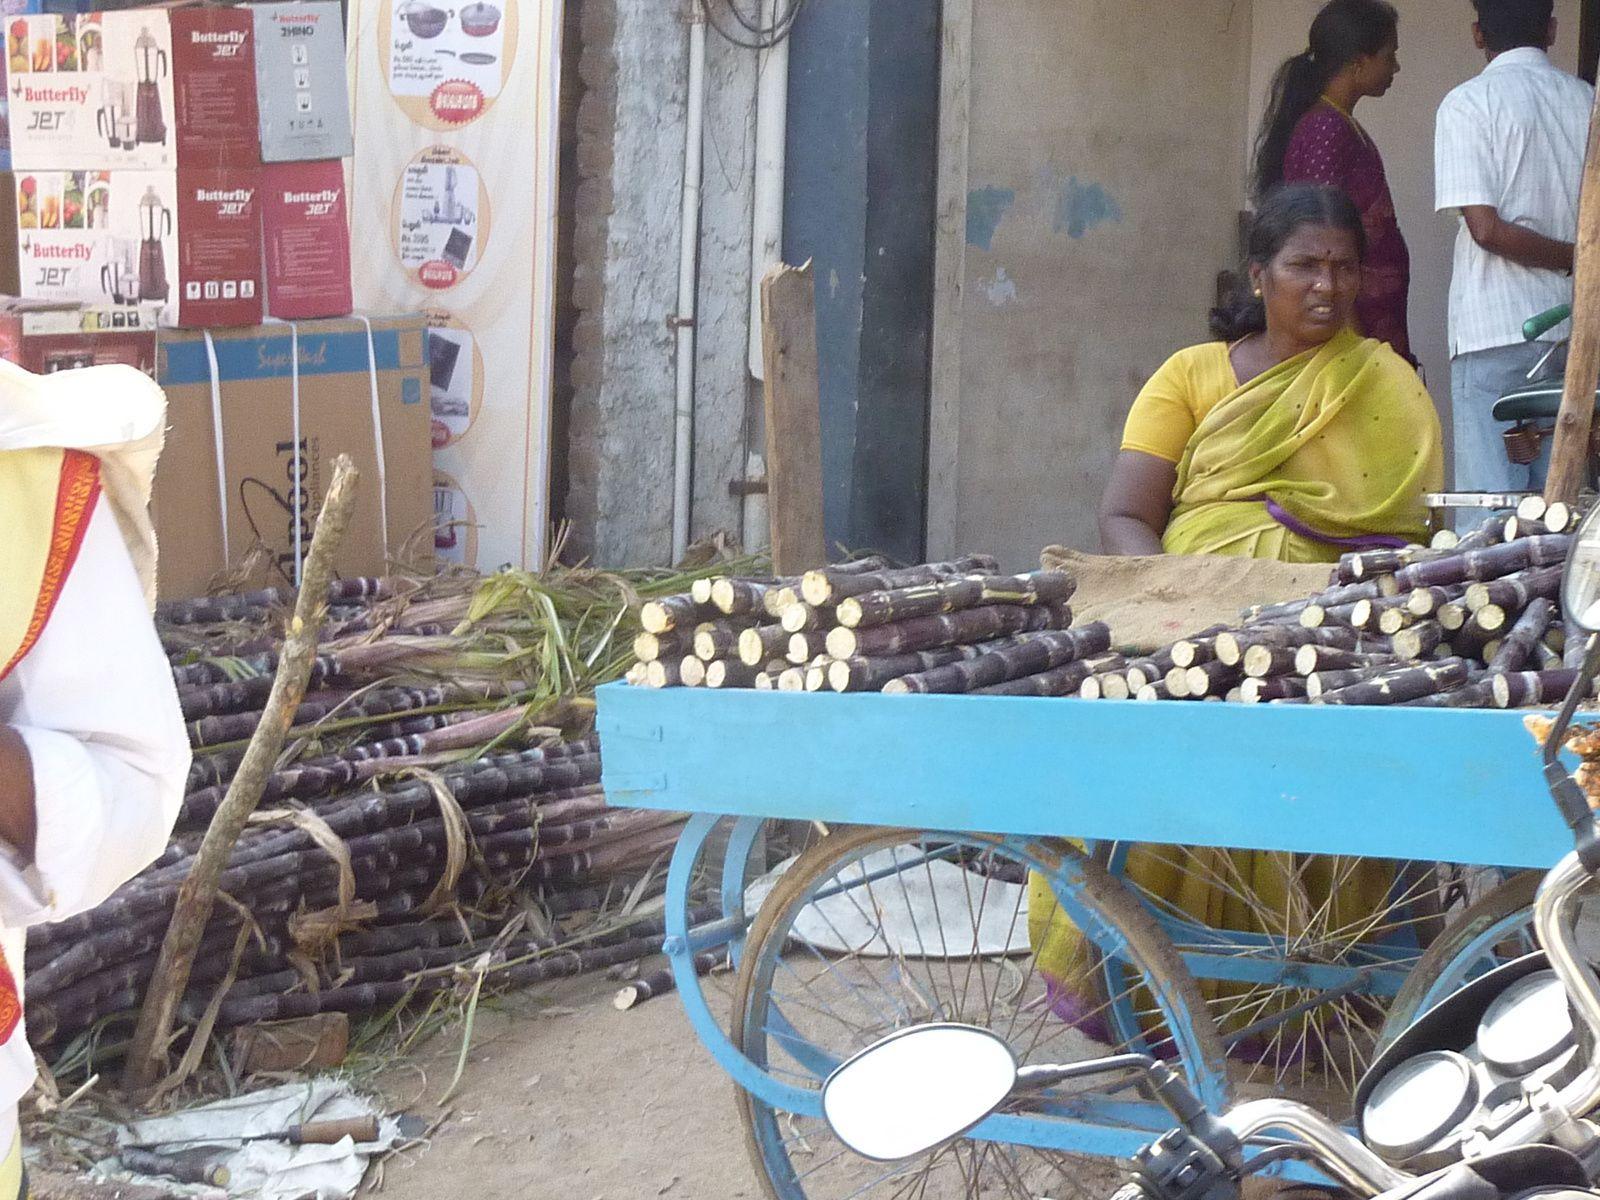 Pongal, la canne à sucre est le symbole de cette fête dans le Tamil Nadu. Campagne entre Pondichéry et Bangalore, veille de Pongal, 14 janvier 2011